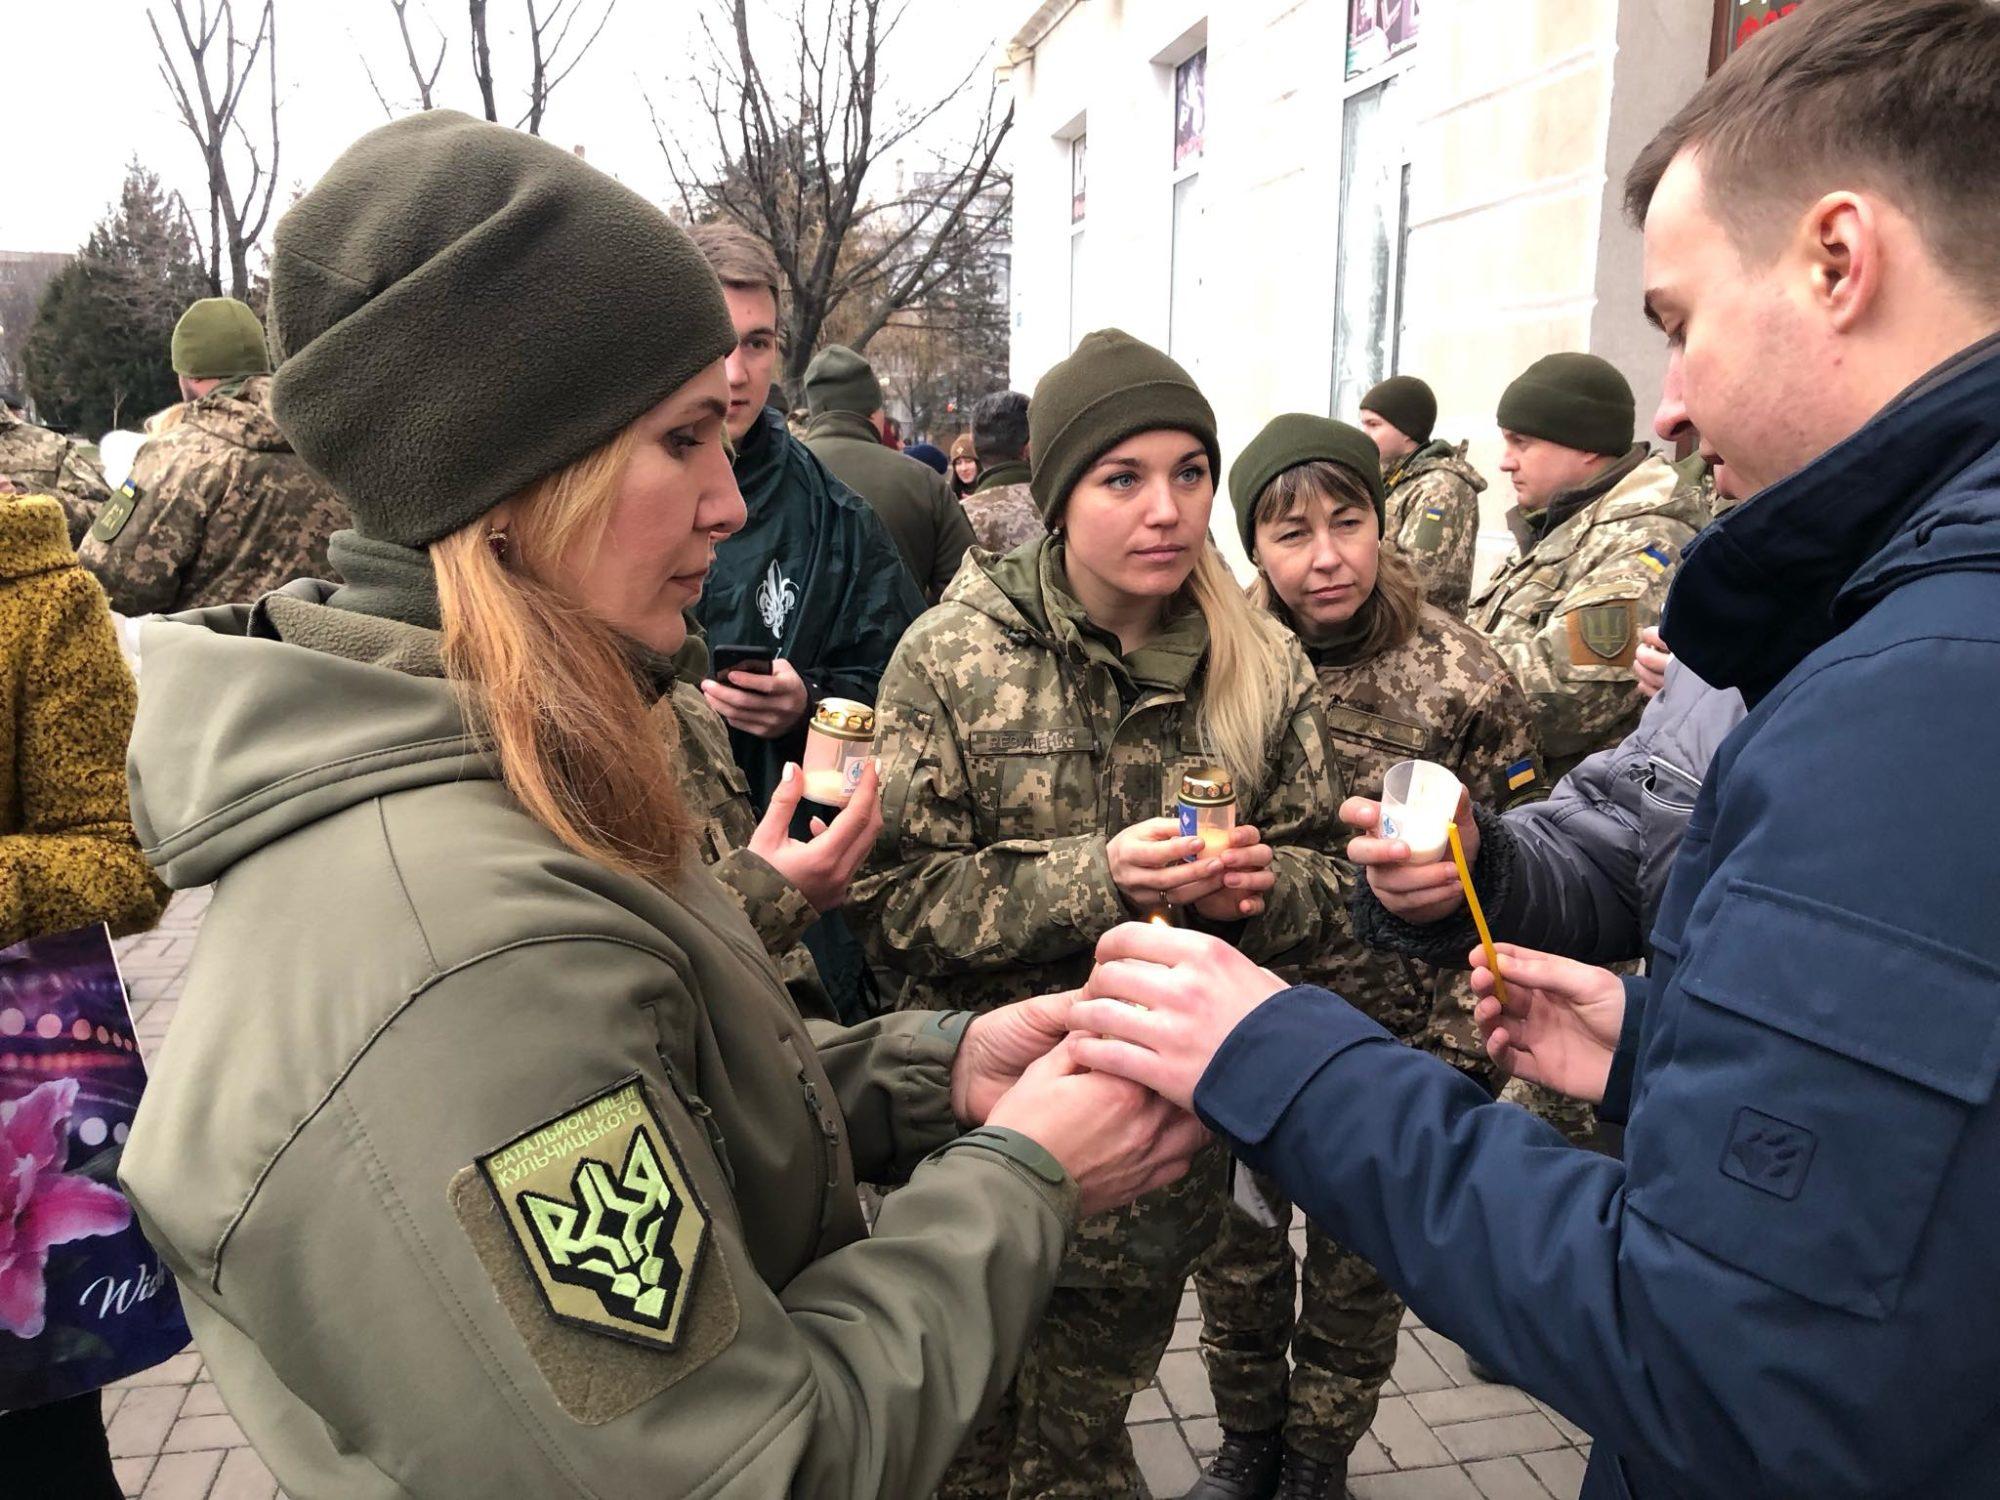 """Пластуни передали Вифлеємський вогонь миру українським бійцям на передову - Вифлеємський вогонь миру, """"Пласт"""" - 81039053 10156826928427393 862967497949708288 o 2000x1500"""